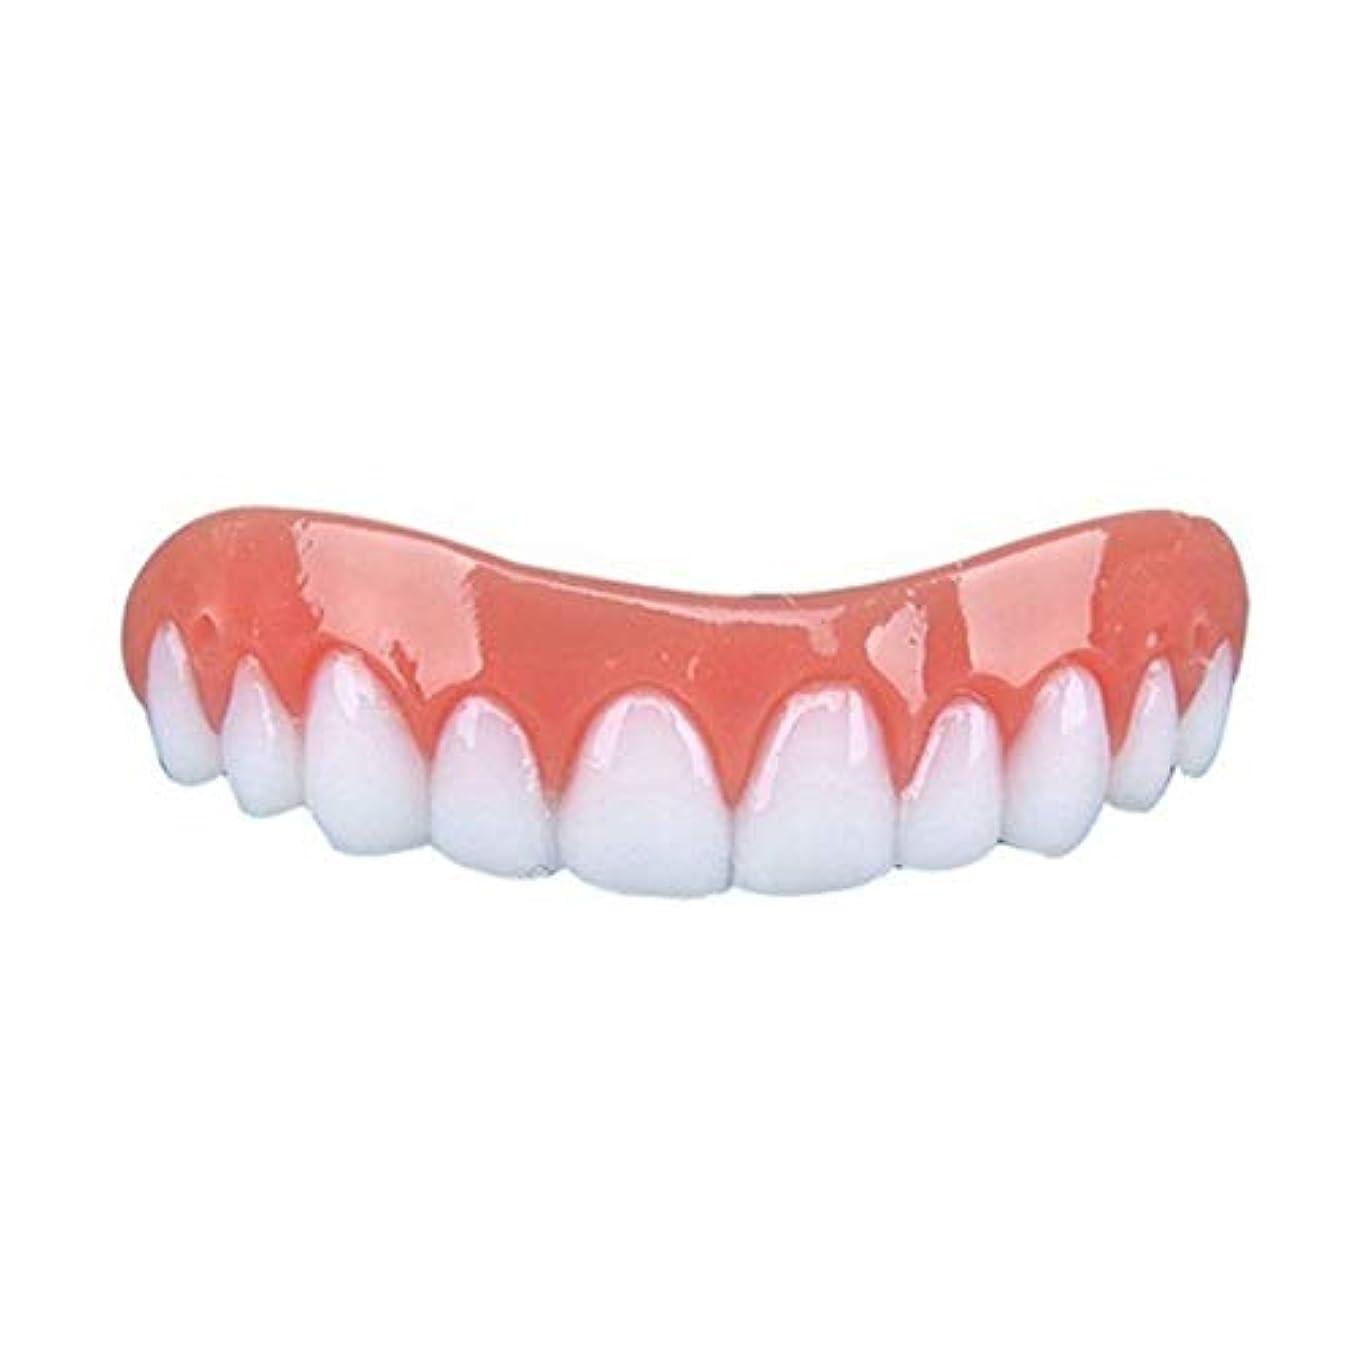 疼痛学部長破滅Bartram 歯カバー シリコン義歯ペースト 上歯 笑顔を保つ 歯保護 美容用 入れ歯 矯正義歯